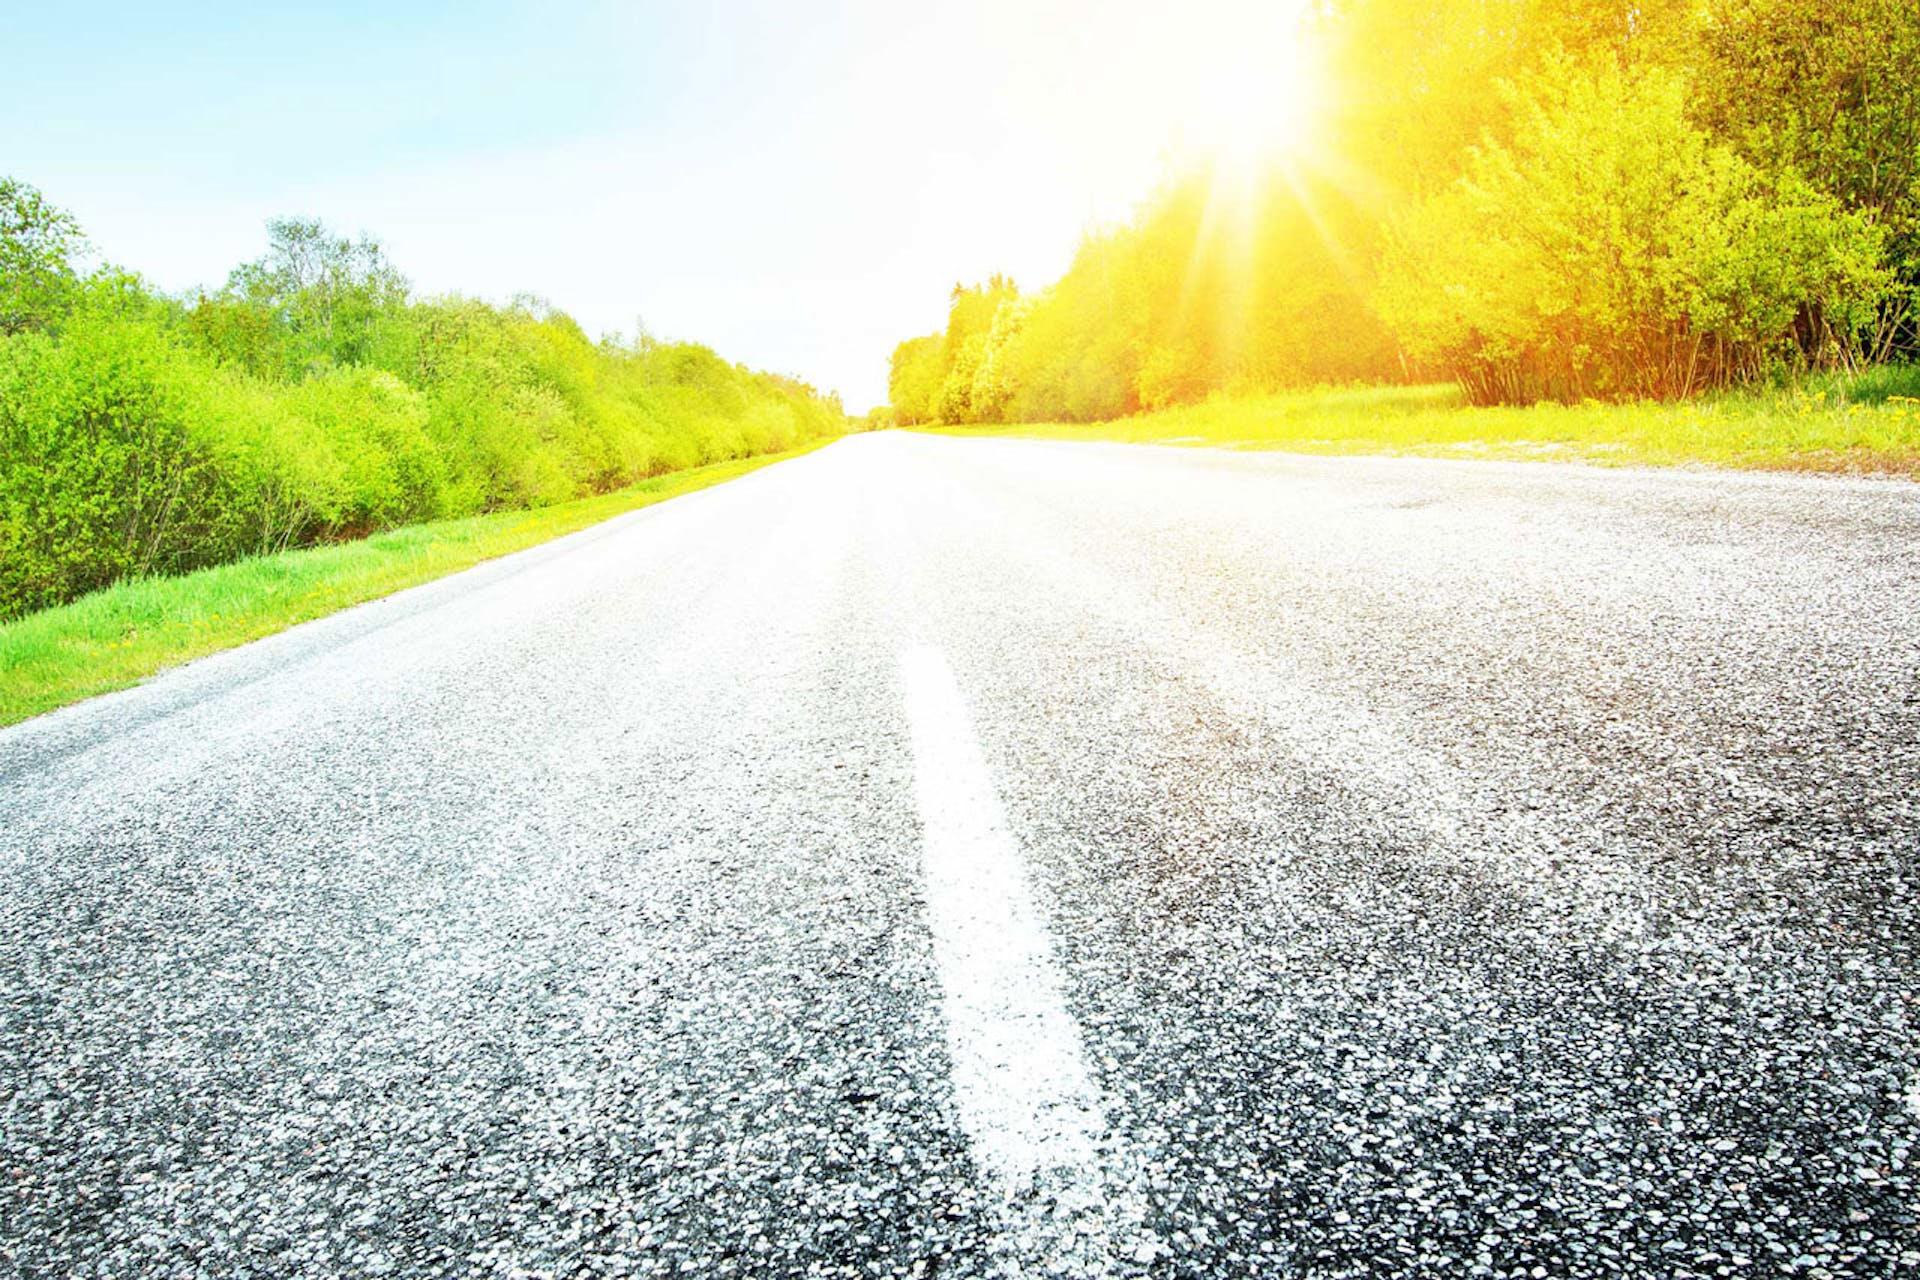 Lichtreflexion auf regennasser Straße führen zu Blendung und Kontrastminderung